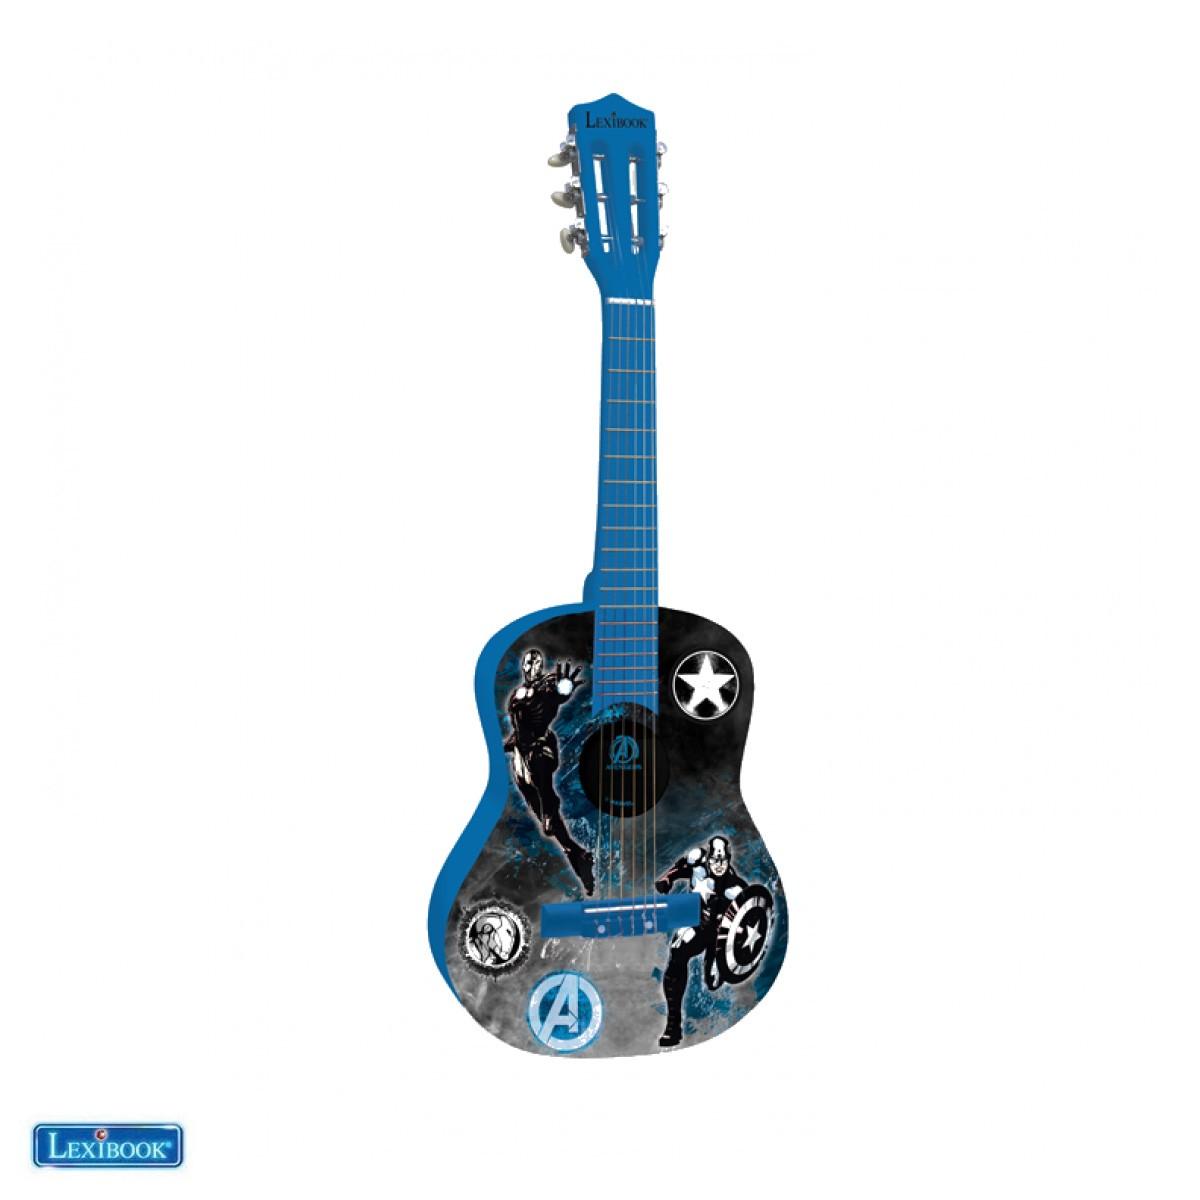 K2000AV Guitare Acoustique Avengers - Lexibook